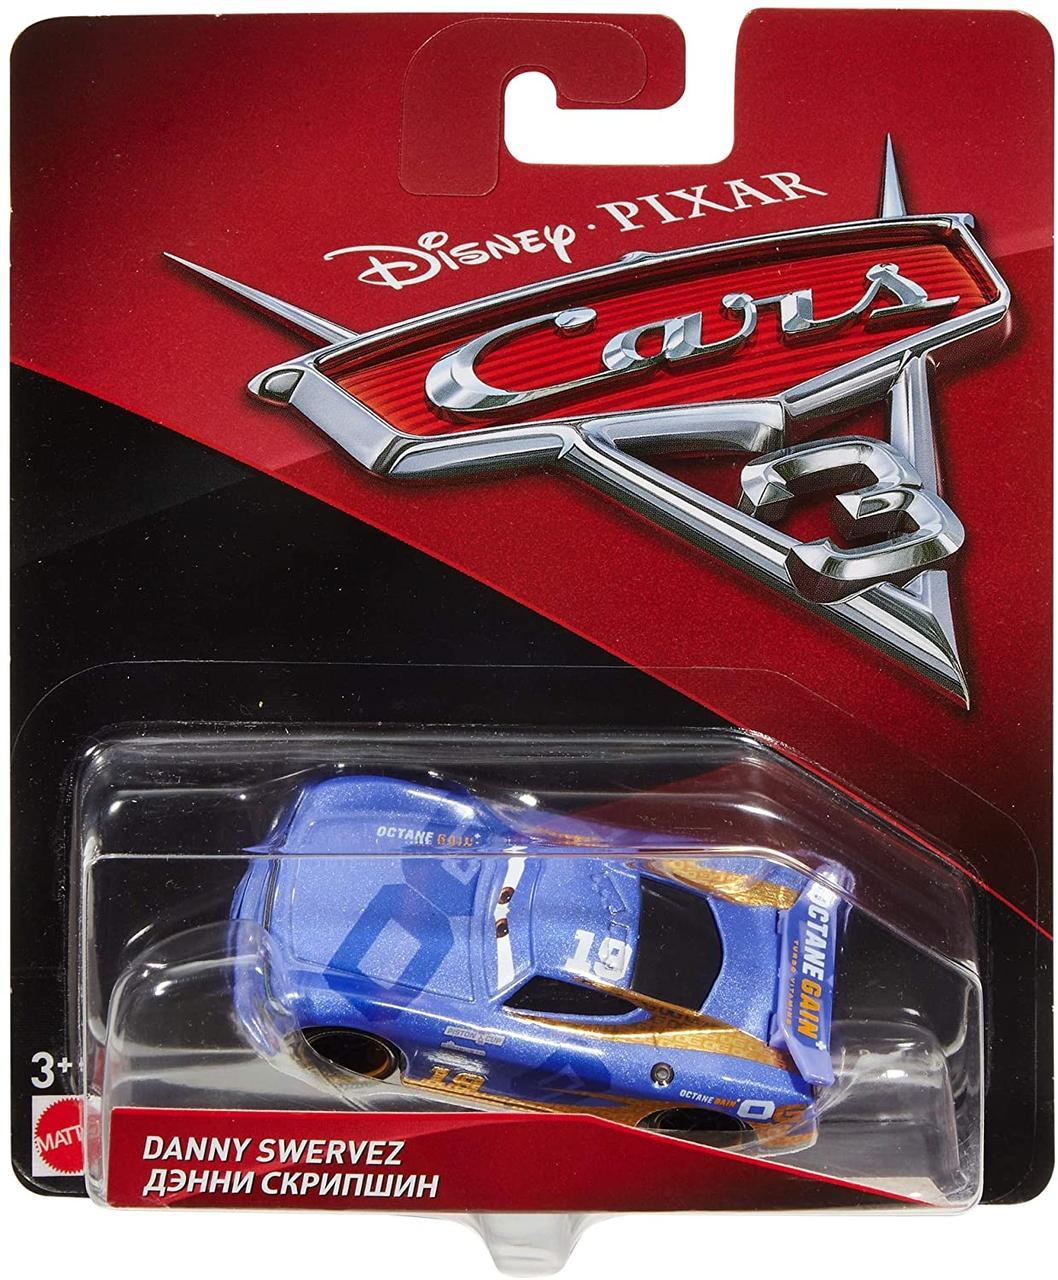 Тачки 3: Денні Скрипшин (Daniel Swervez) Disney Pixar Cars від Mattel